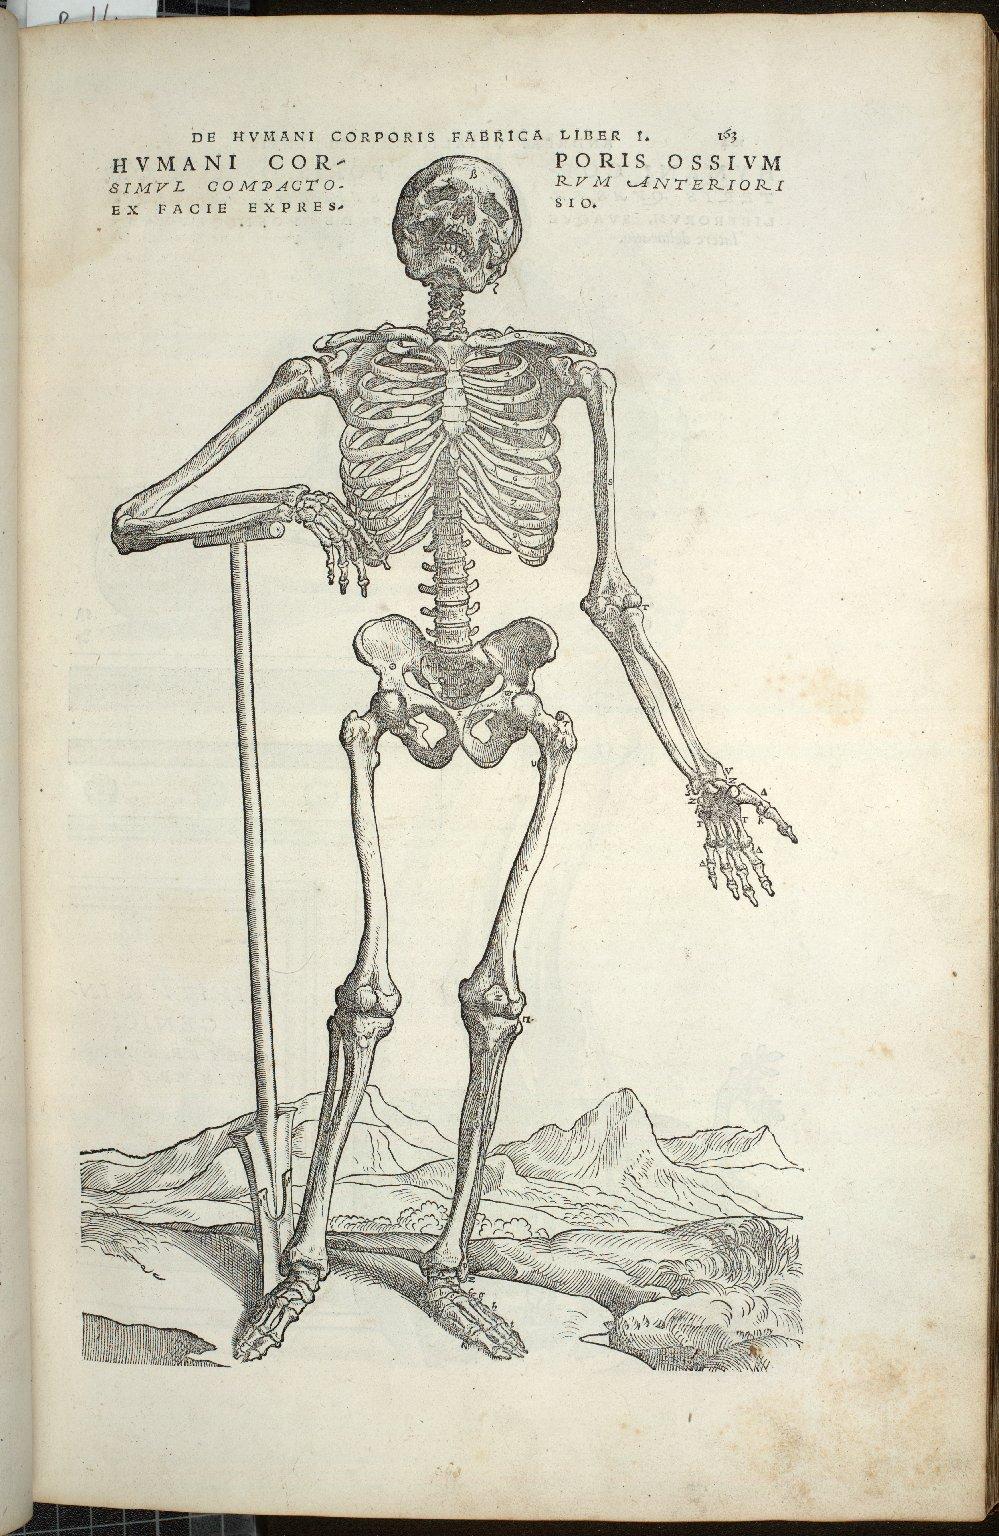 Humani Corporis Ossium Simum Compactorum Anteriori Ex Facie Expressio